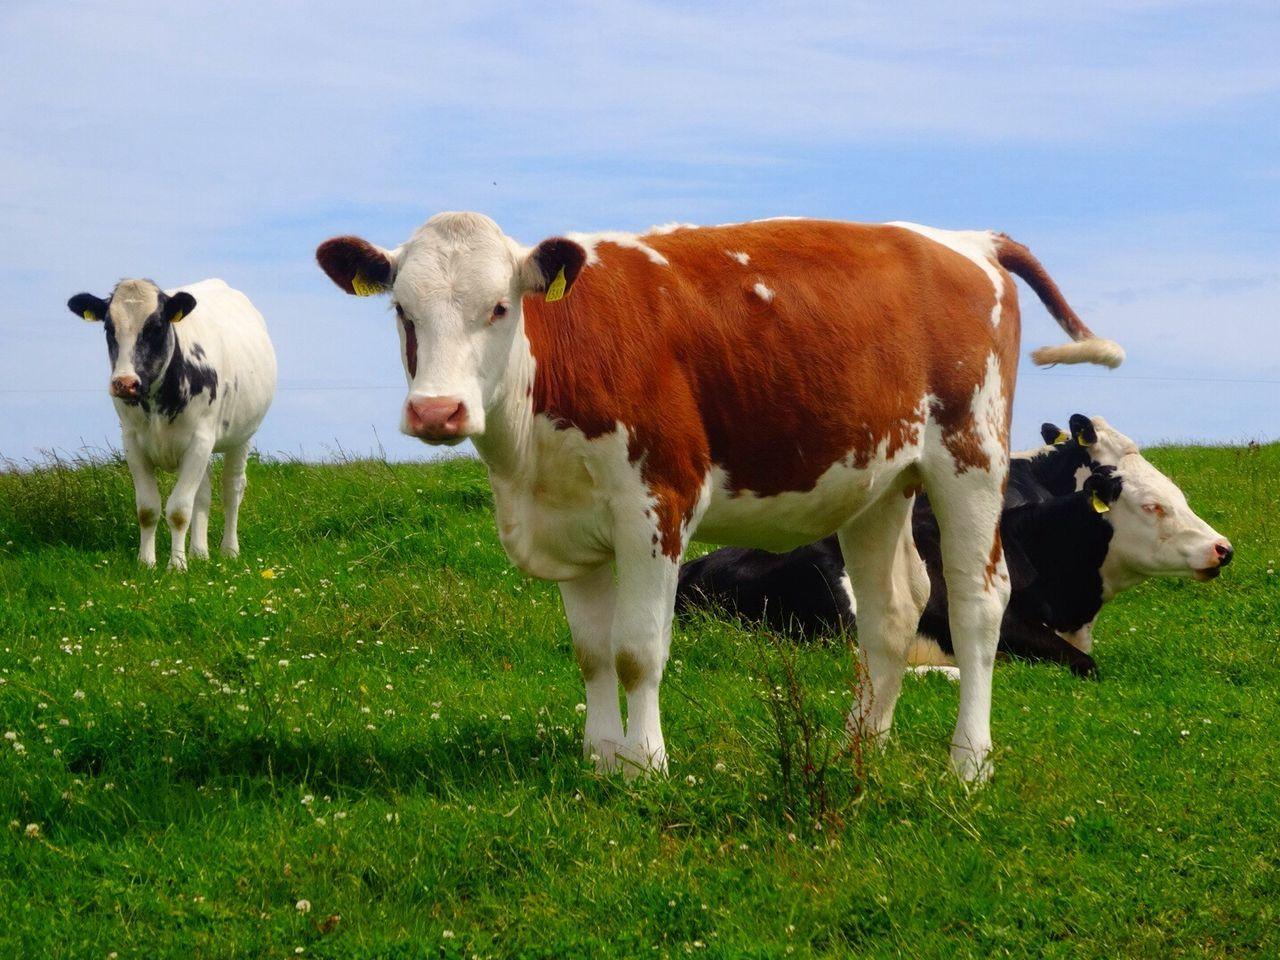 The Cow Cows Cow Mucca Irlanda Ireland Wildatlanticway Ocean